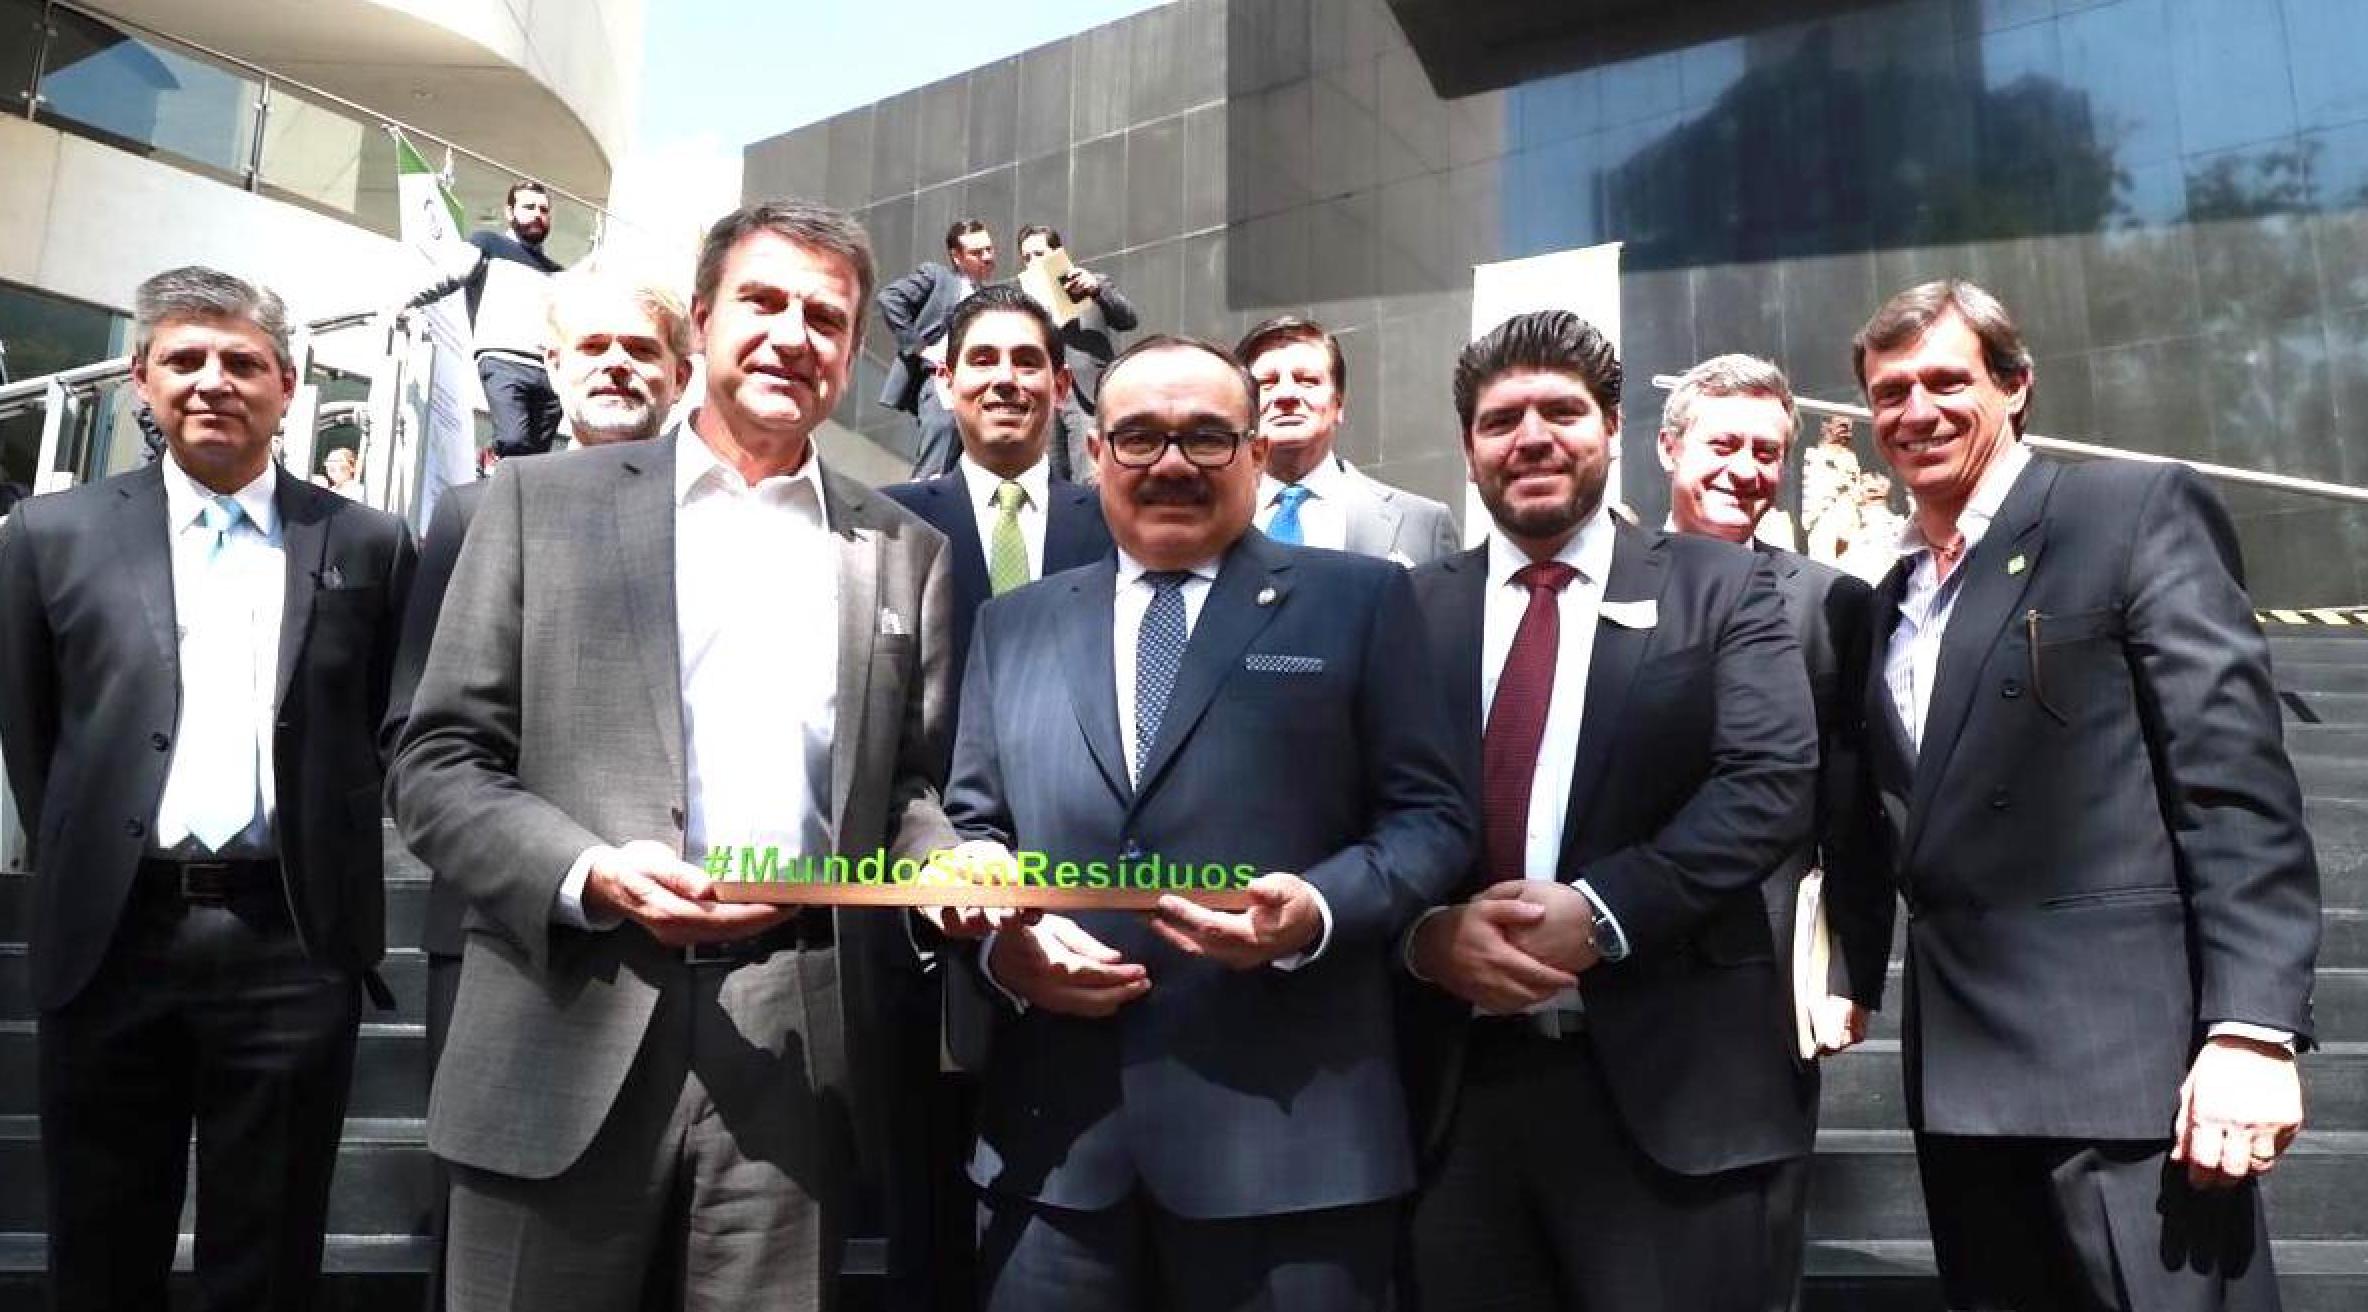 Coca-Cola FEMSA de la mano de la Industria Mexicana de Coca-Cola, se unen al Acuerdo Nacional para la Nueva Economía del Plástico en México.